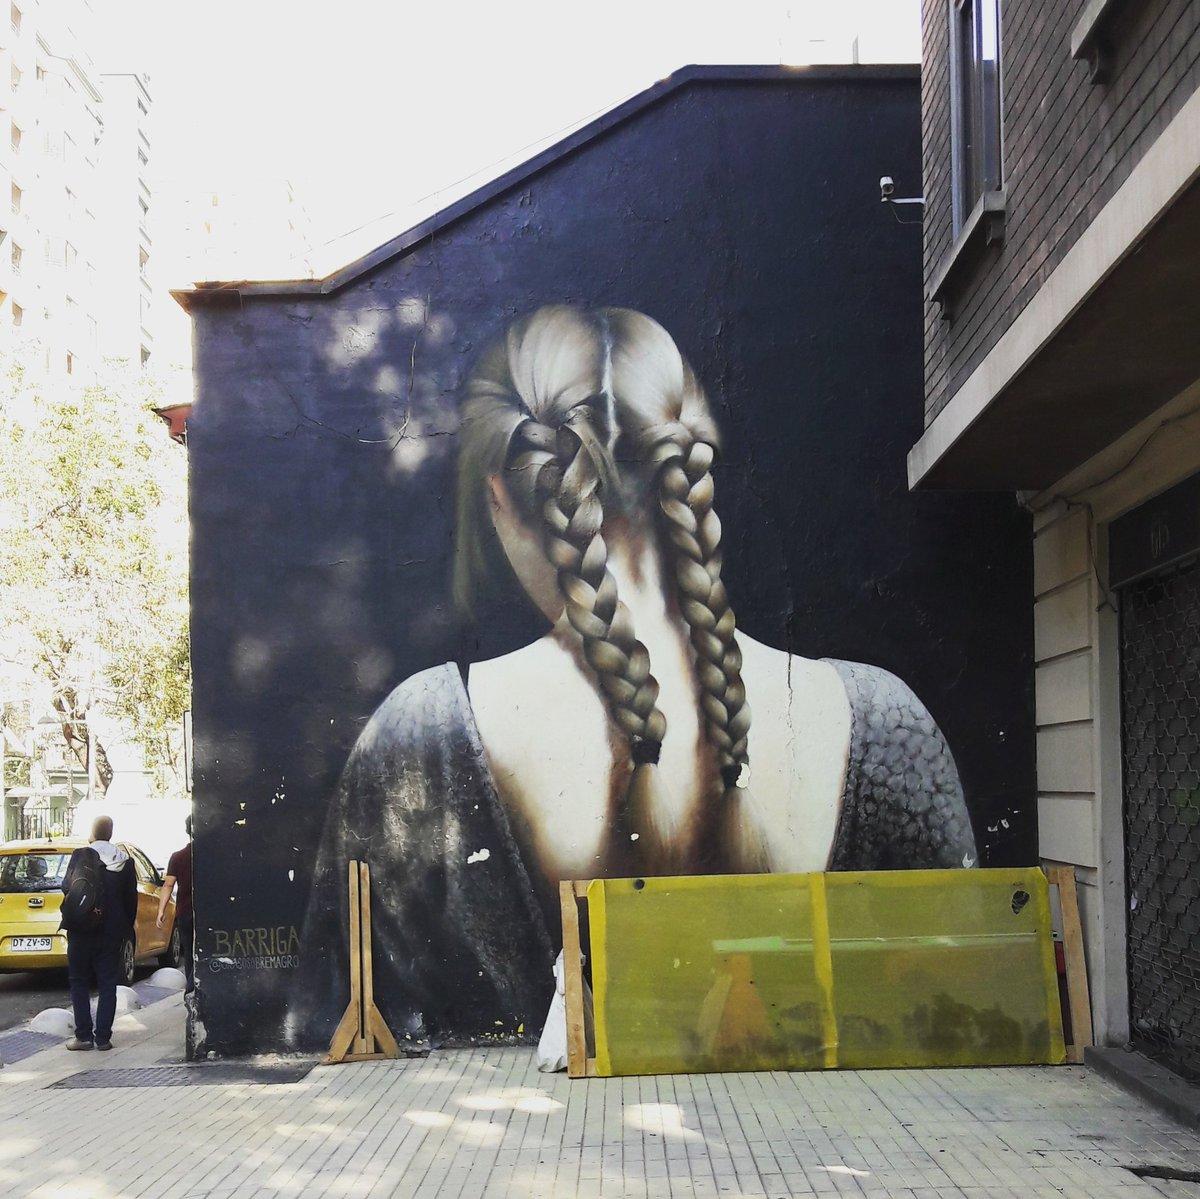 #barriga #artist #chili #santiago #urbanart #arturbain #streetart #muralisme #muralism #streep <br>http://pic.twitter.com/3jTNk3OgOh